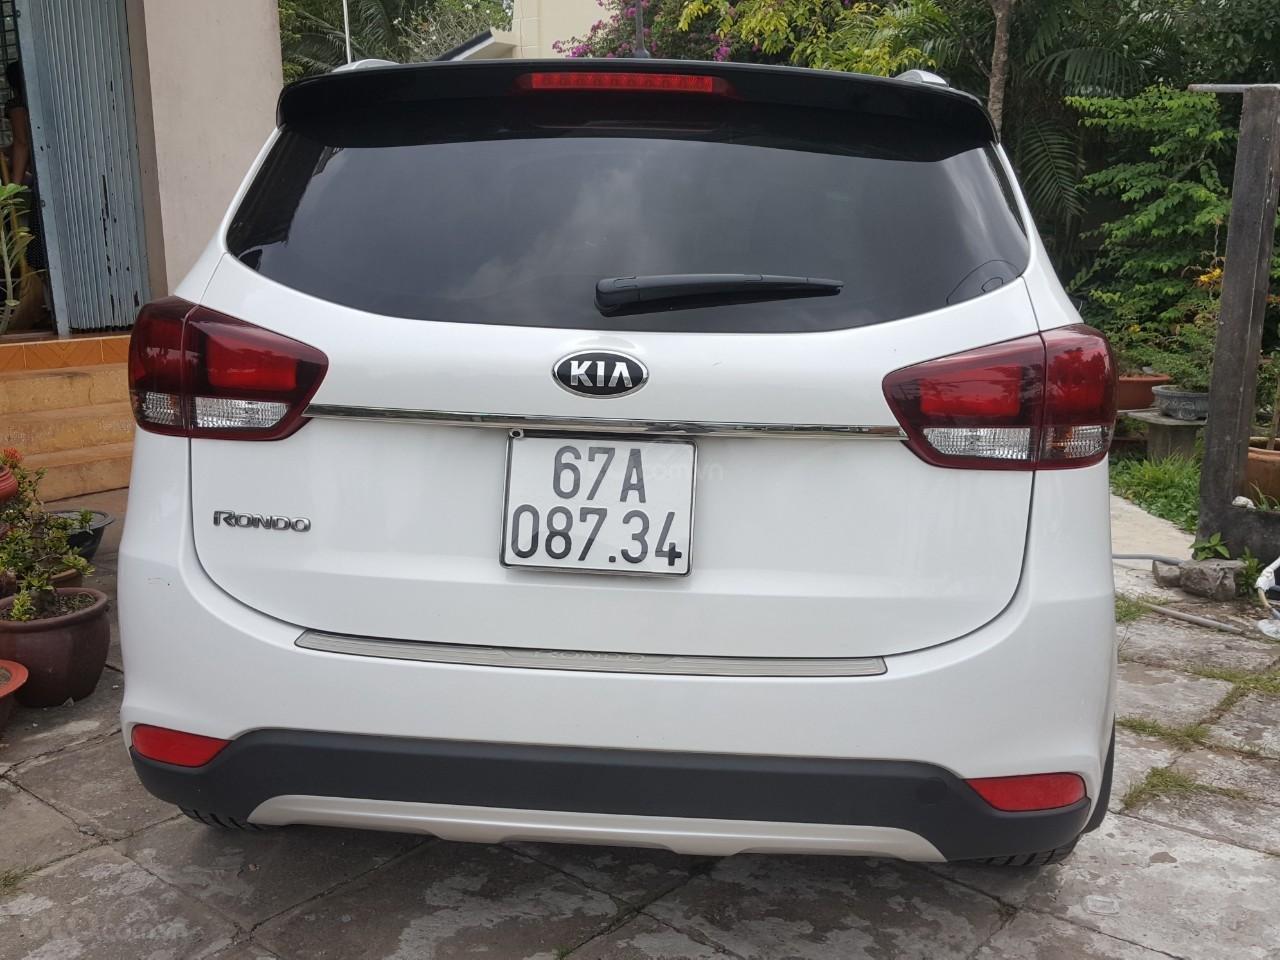 Bán Kia Rondo GAT 2.0AT màu trắng, máy xăng, số tự động, sản xuất 2018, đi 23000km (6)